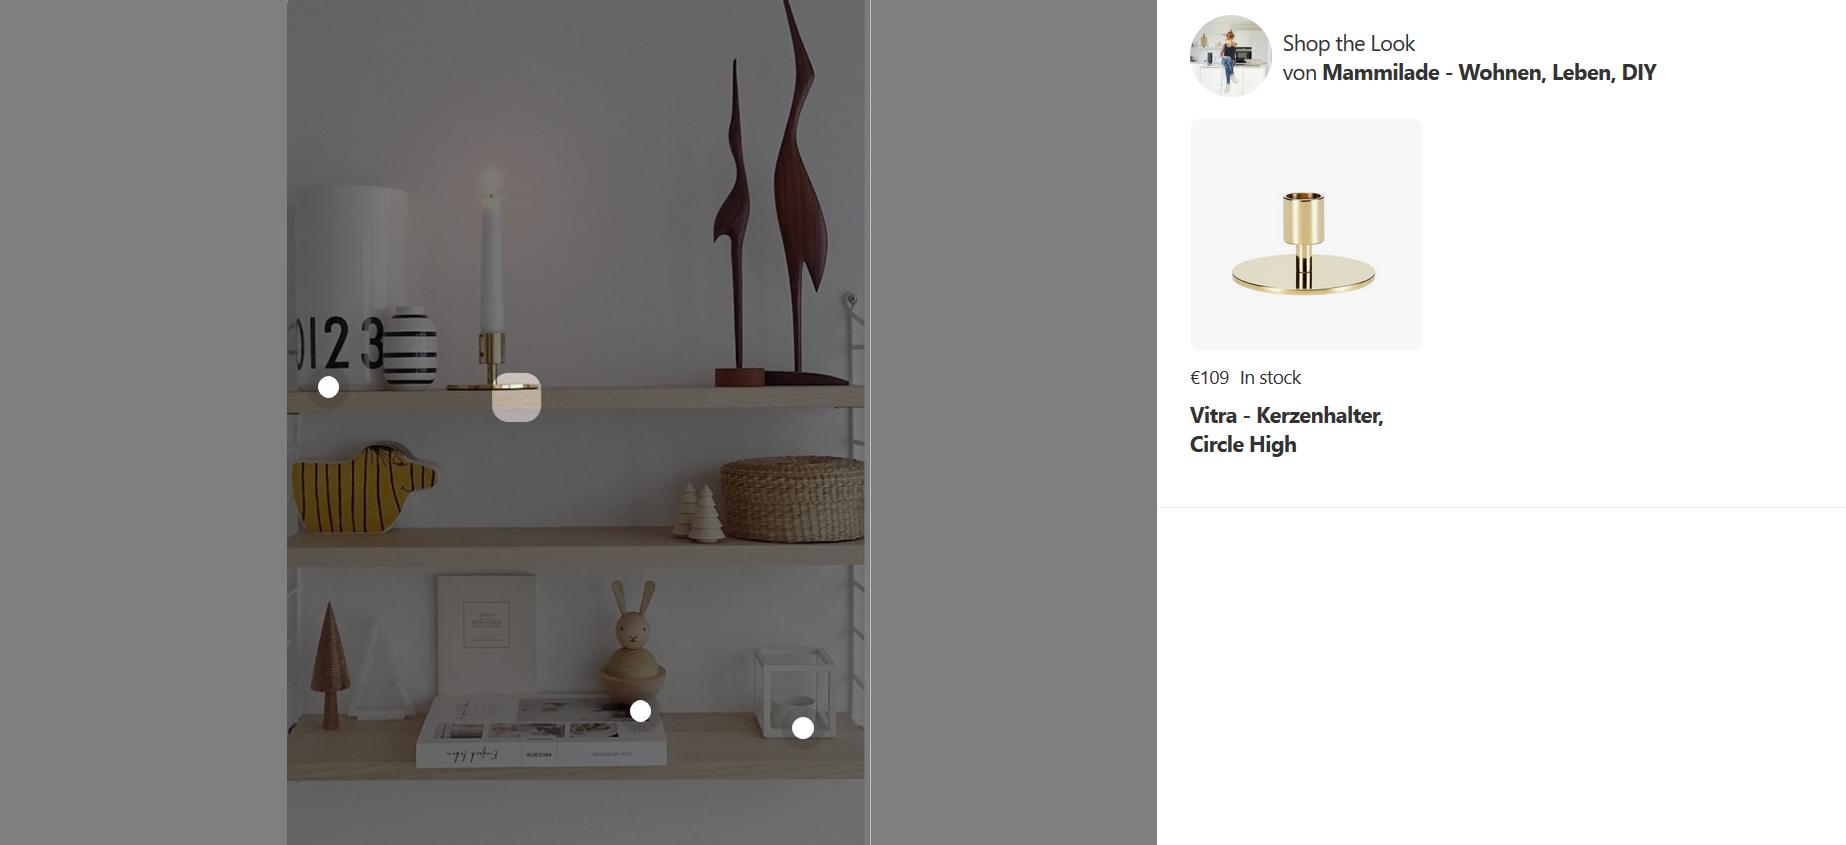 Neu auf Pinterest: Die Shop-The-Look Funktion mit shoppable Pins   mammilade.com